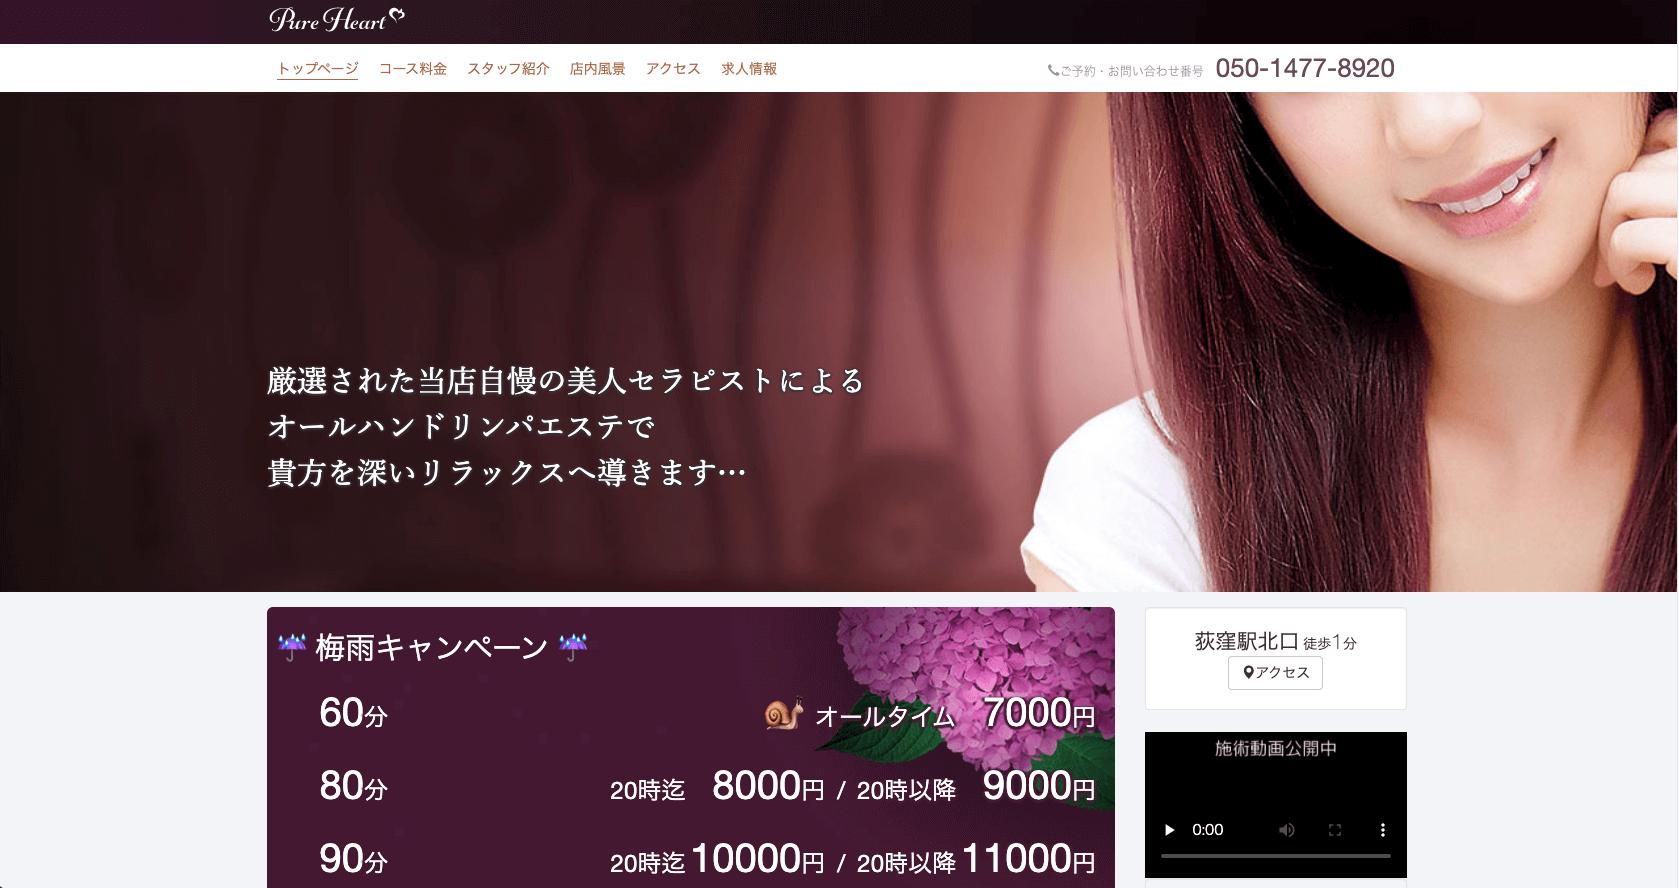 PureHeart(ピュアハート)